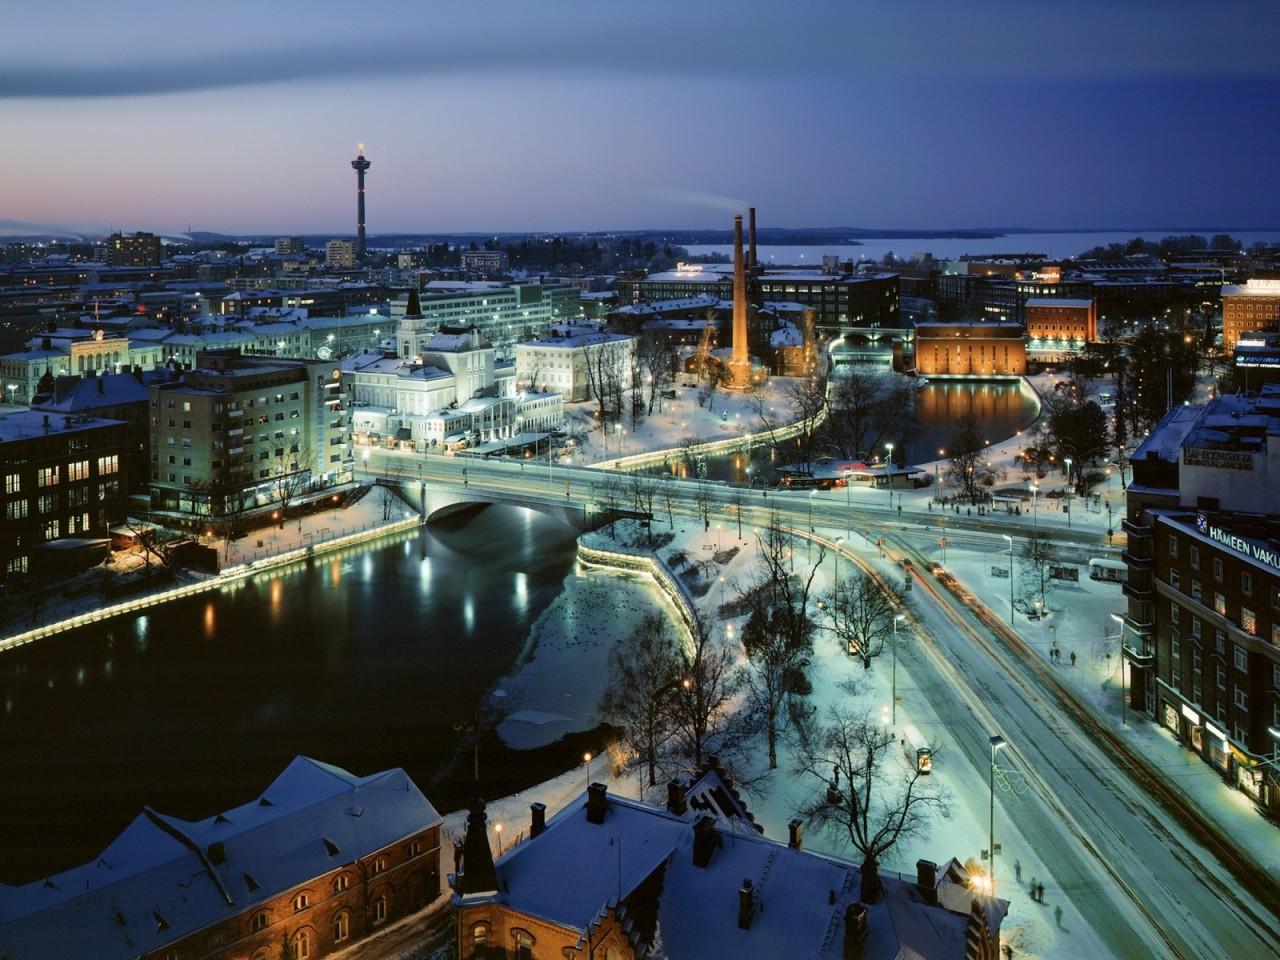 Финляндия является одним из лучших мест для отдыха